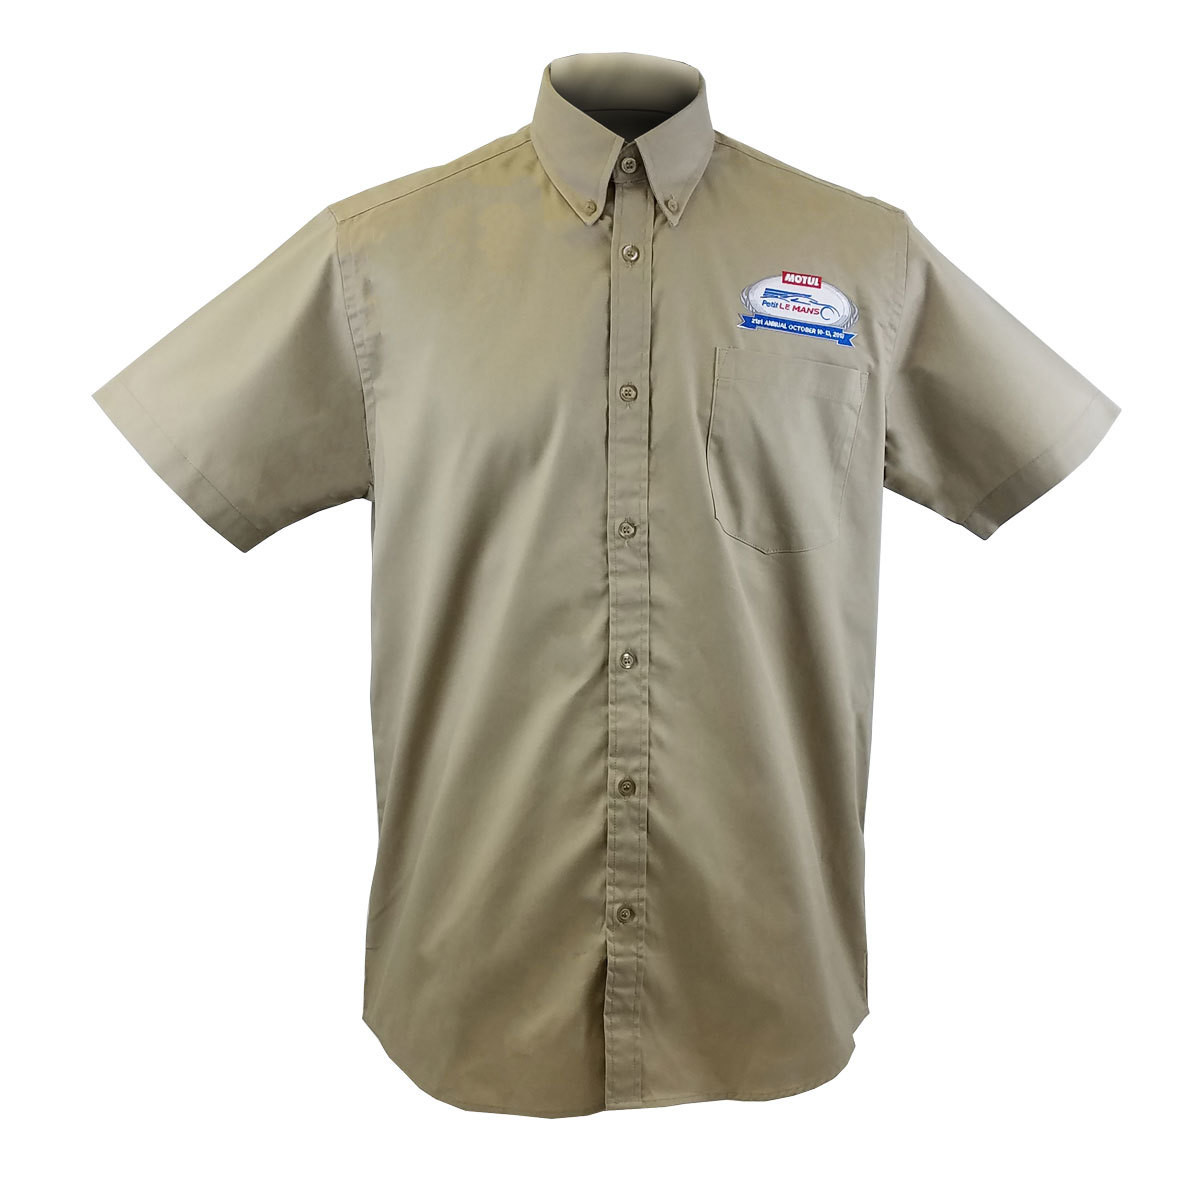 2018 MPLM Twill Shirt - Khaki